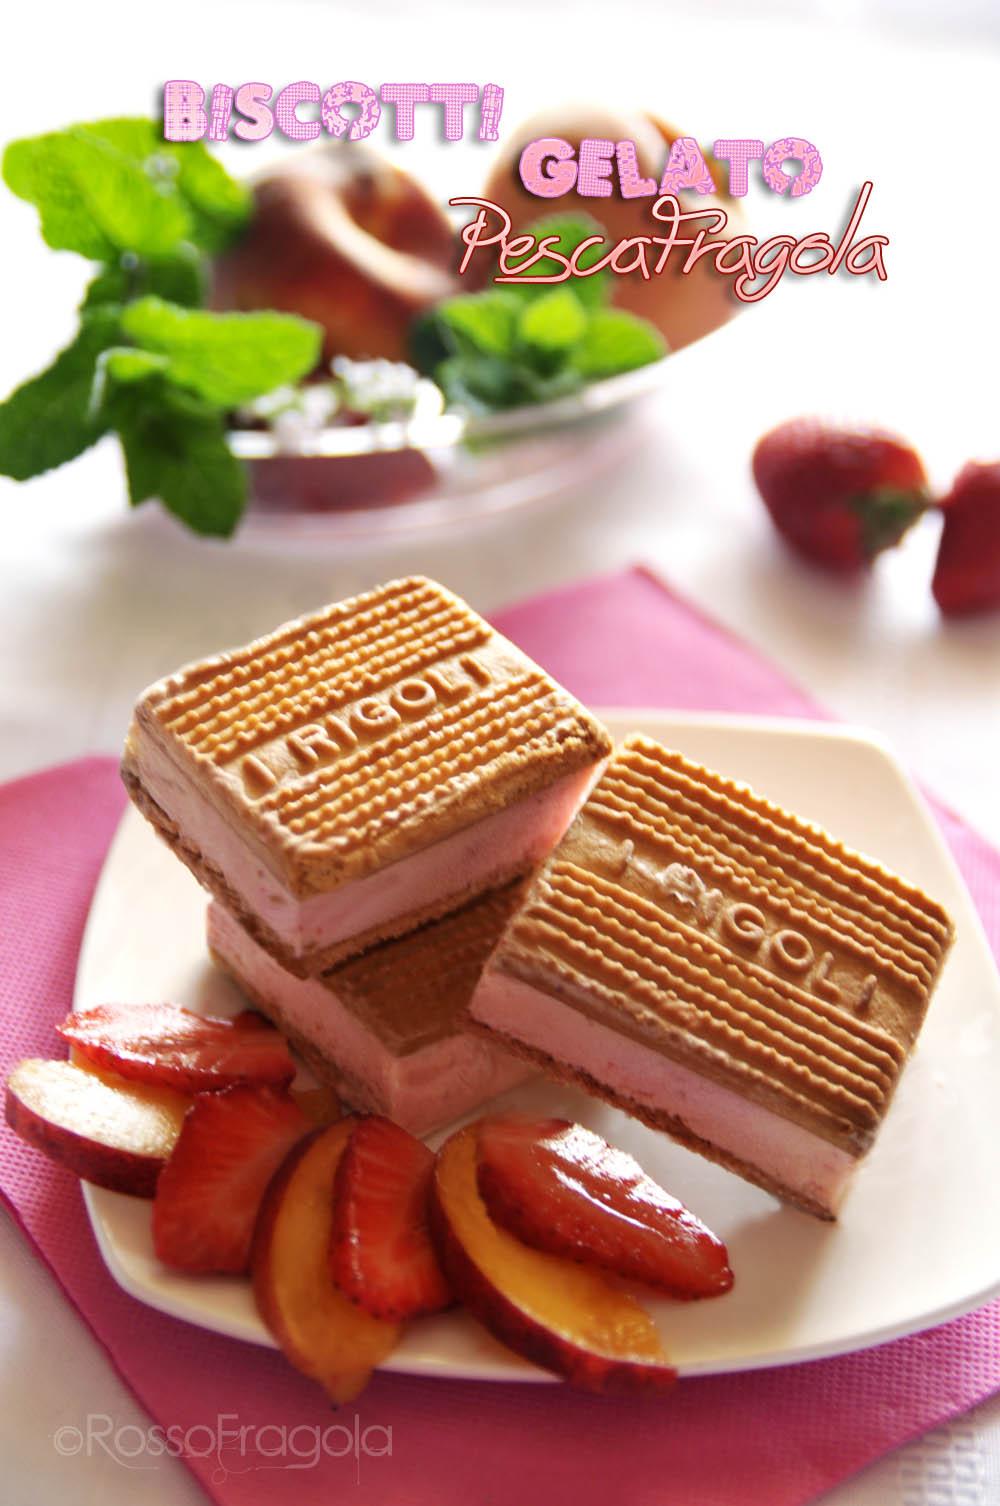 biscotti gelato pescafragola